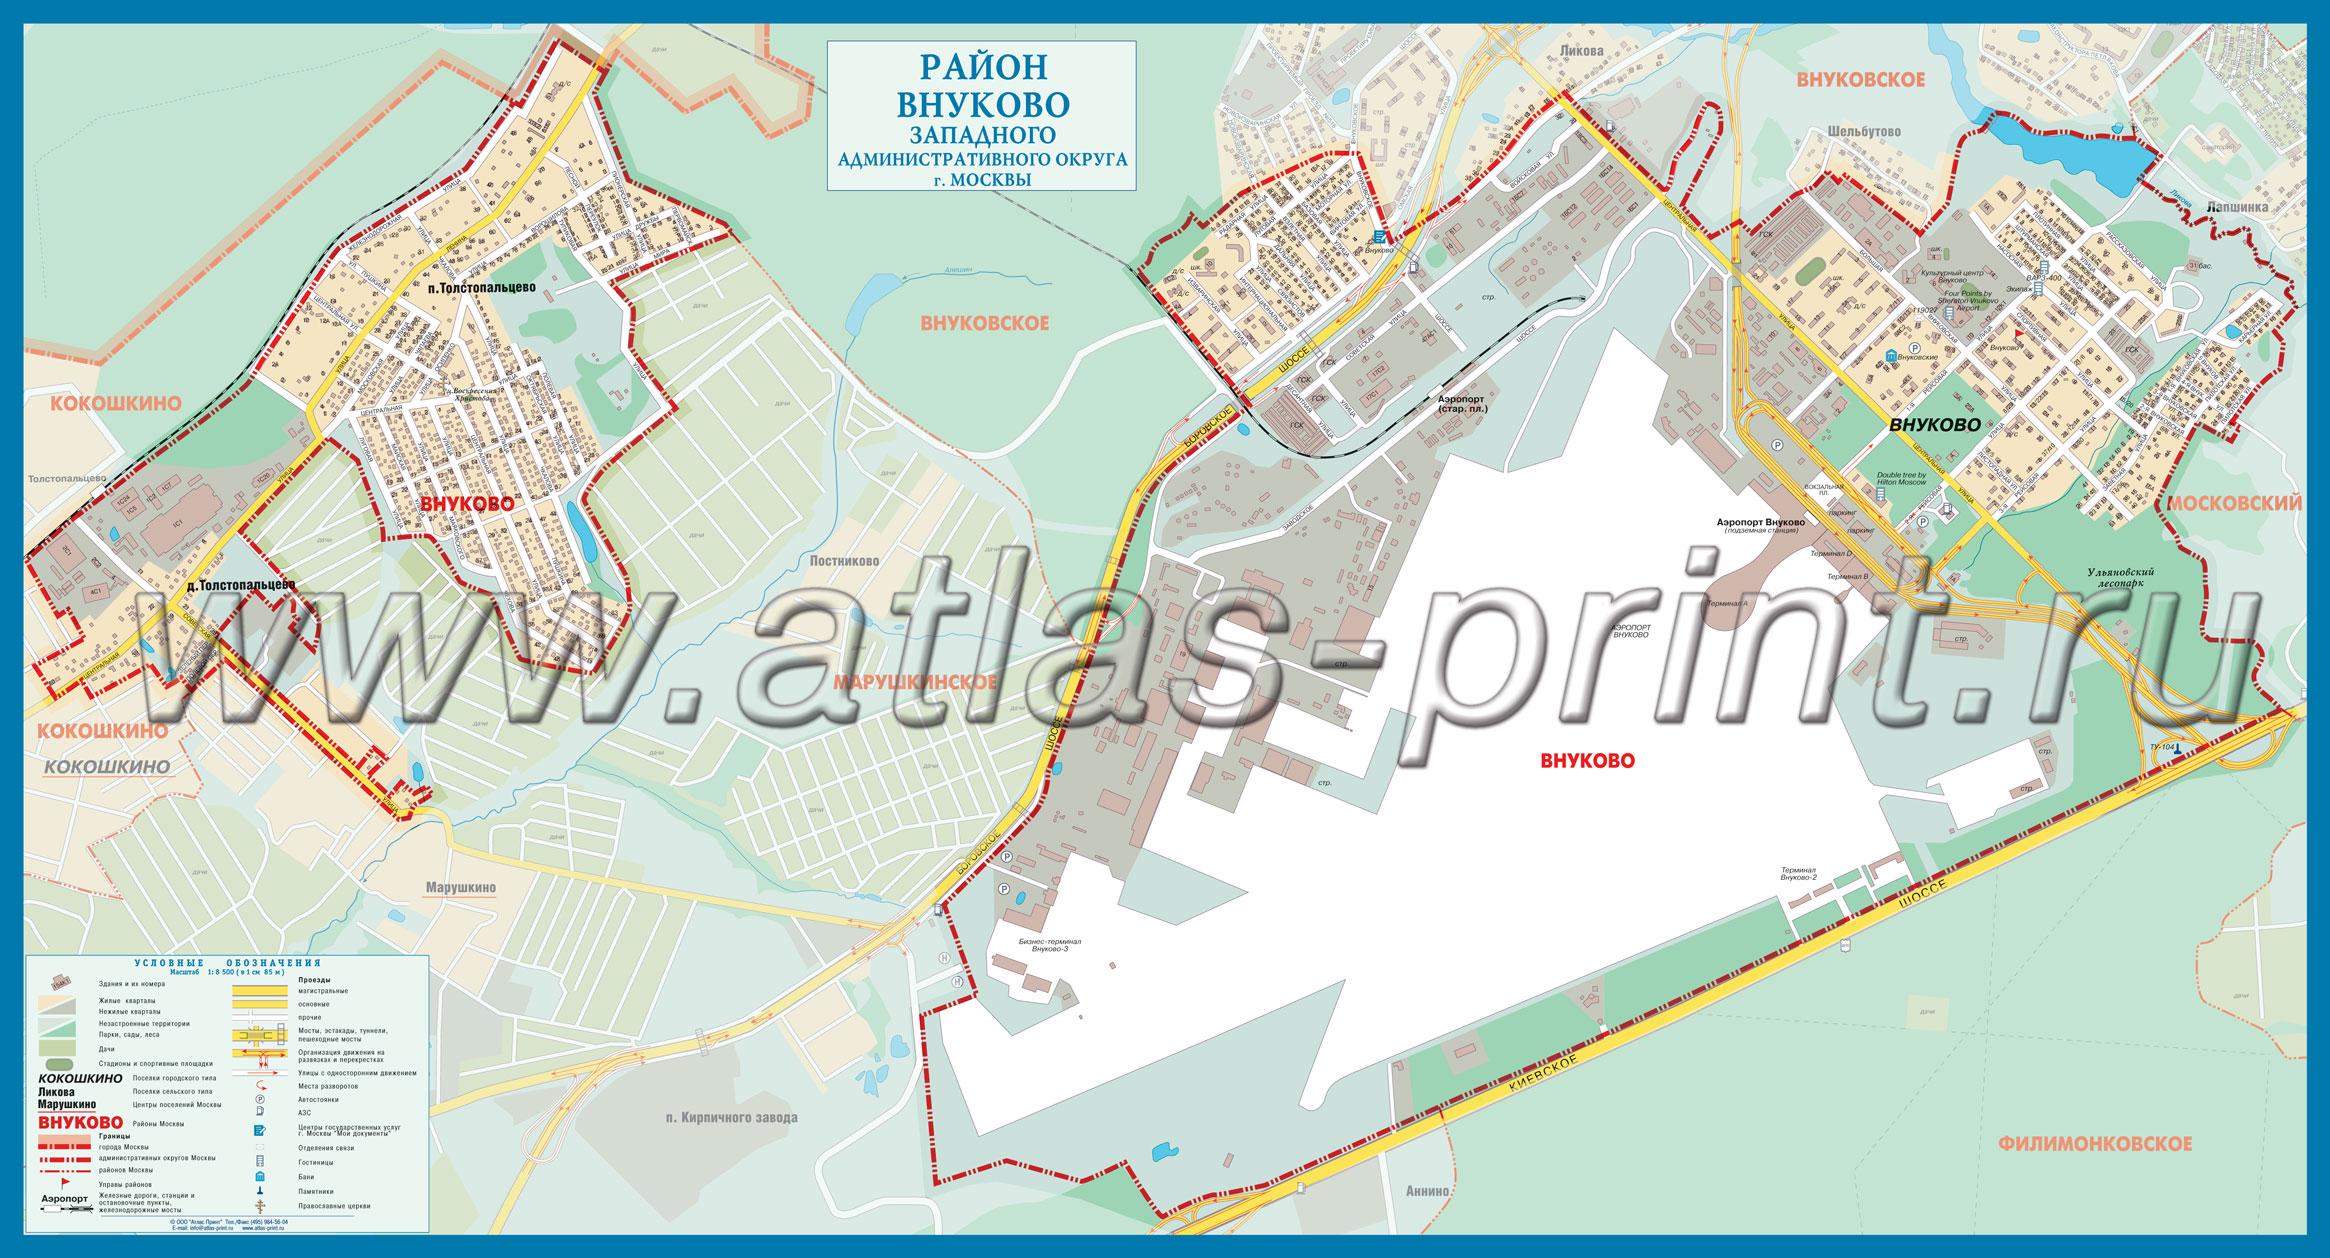 Настенная карта района Внуково г.Москвы 1,00*0,54 м, ламинированная